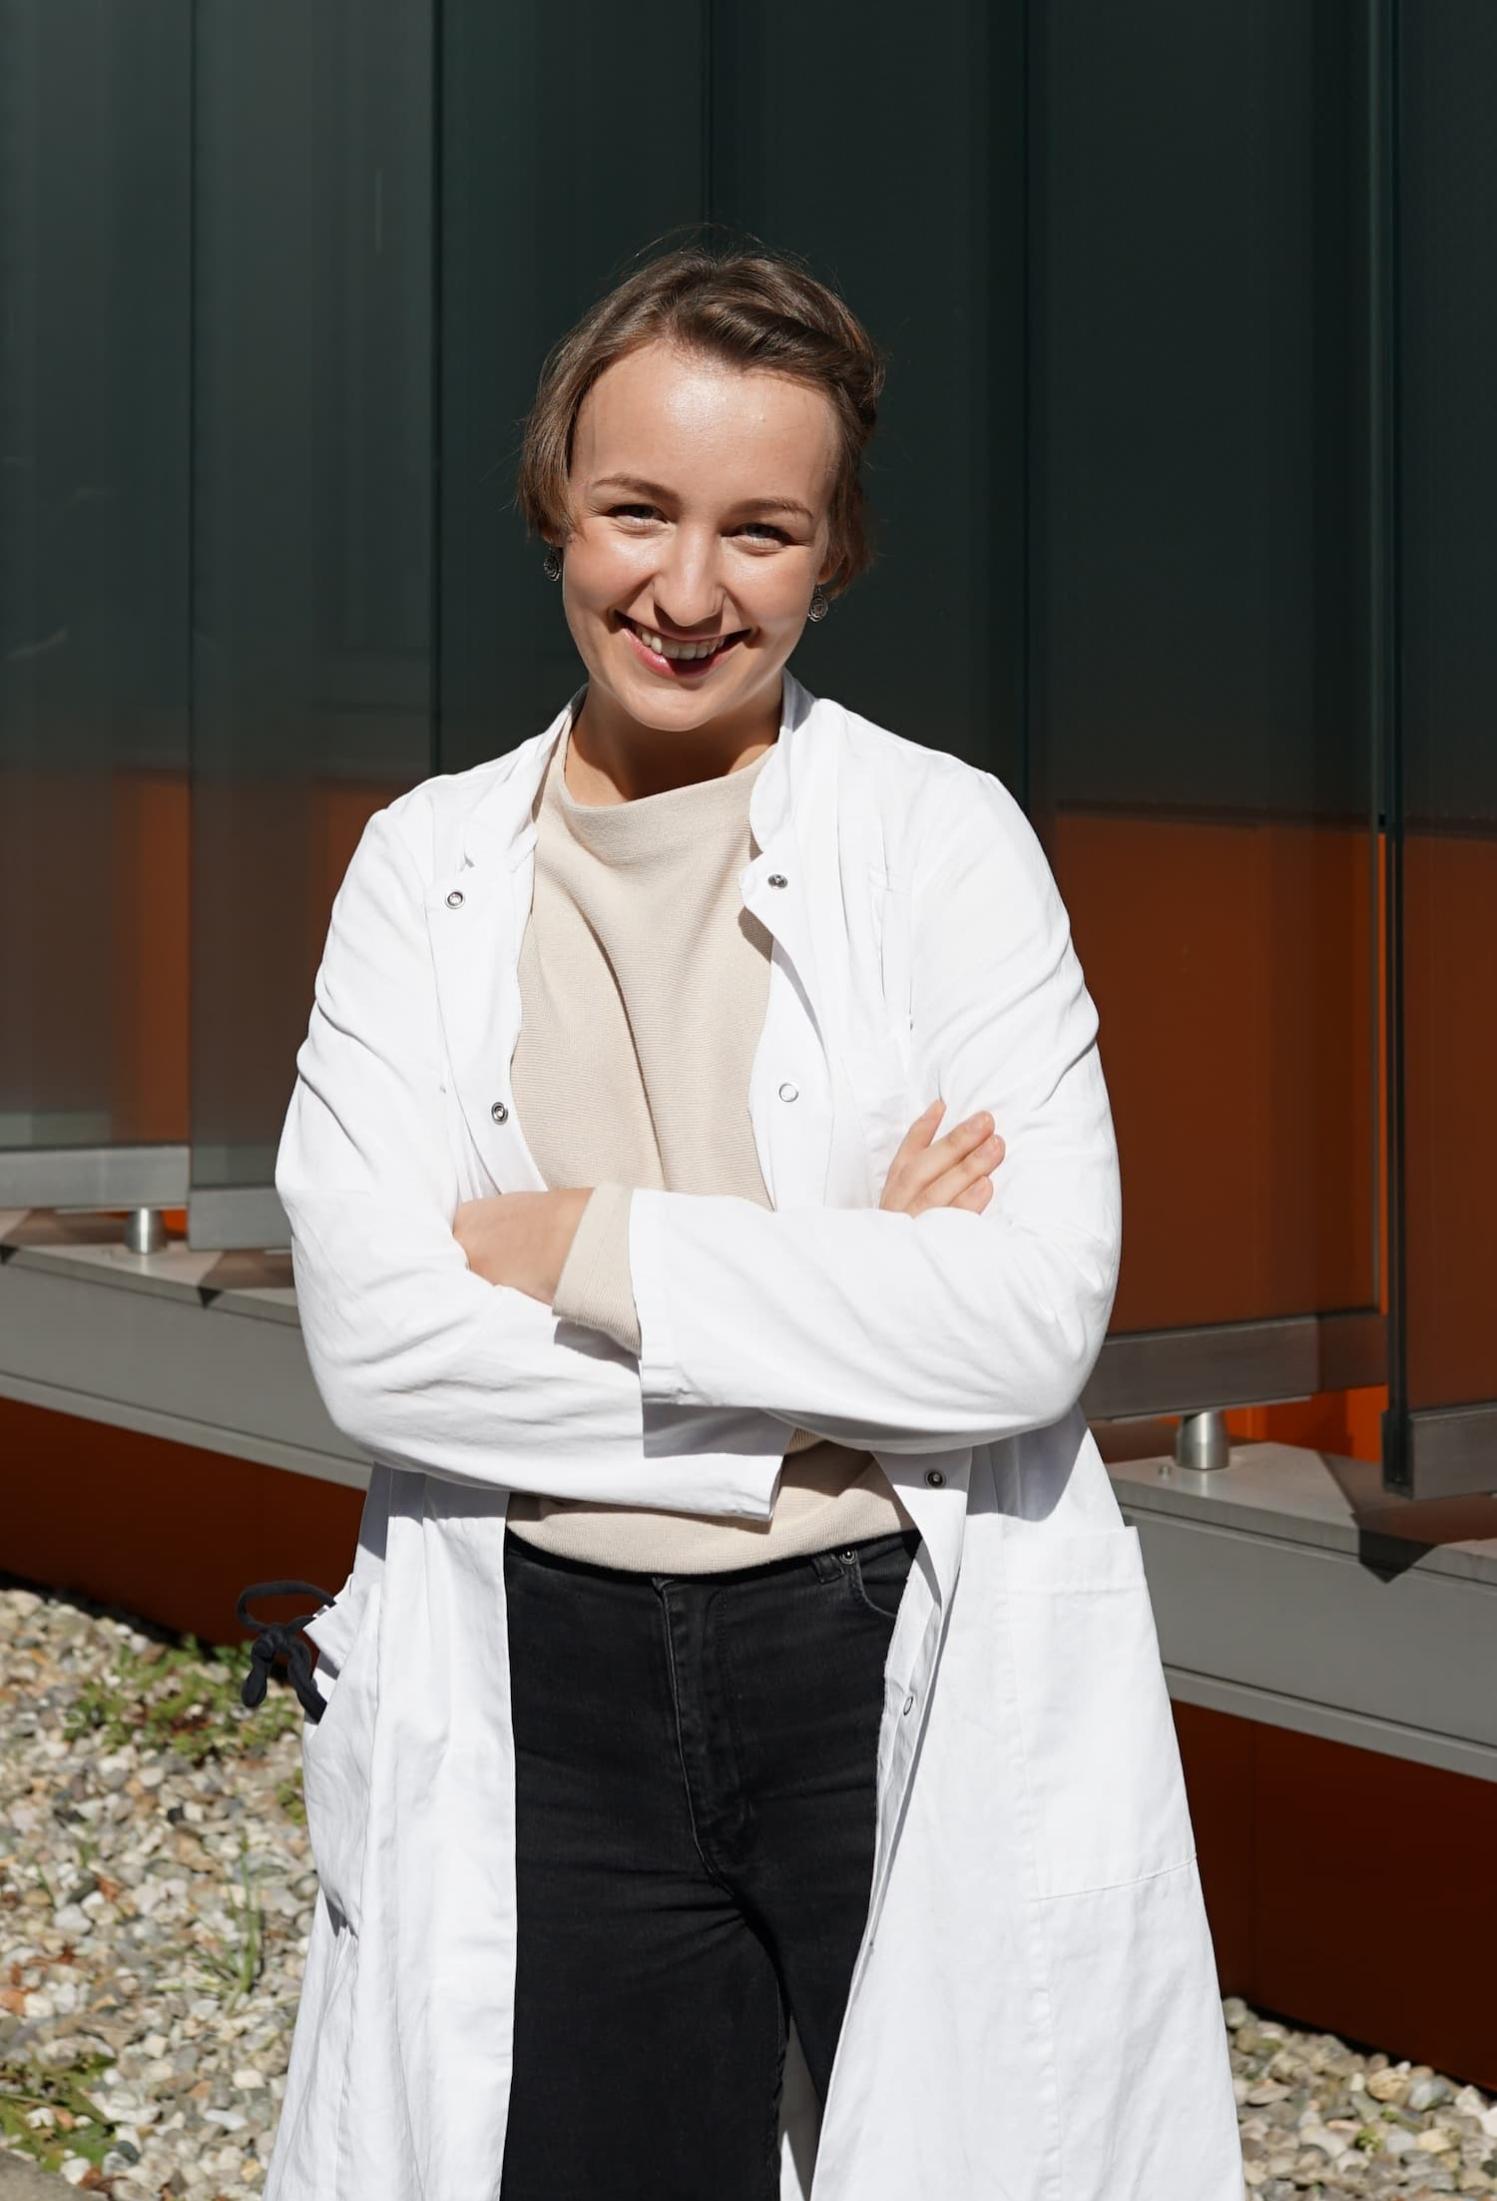 Daniela Haas